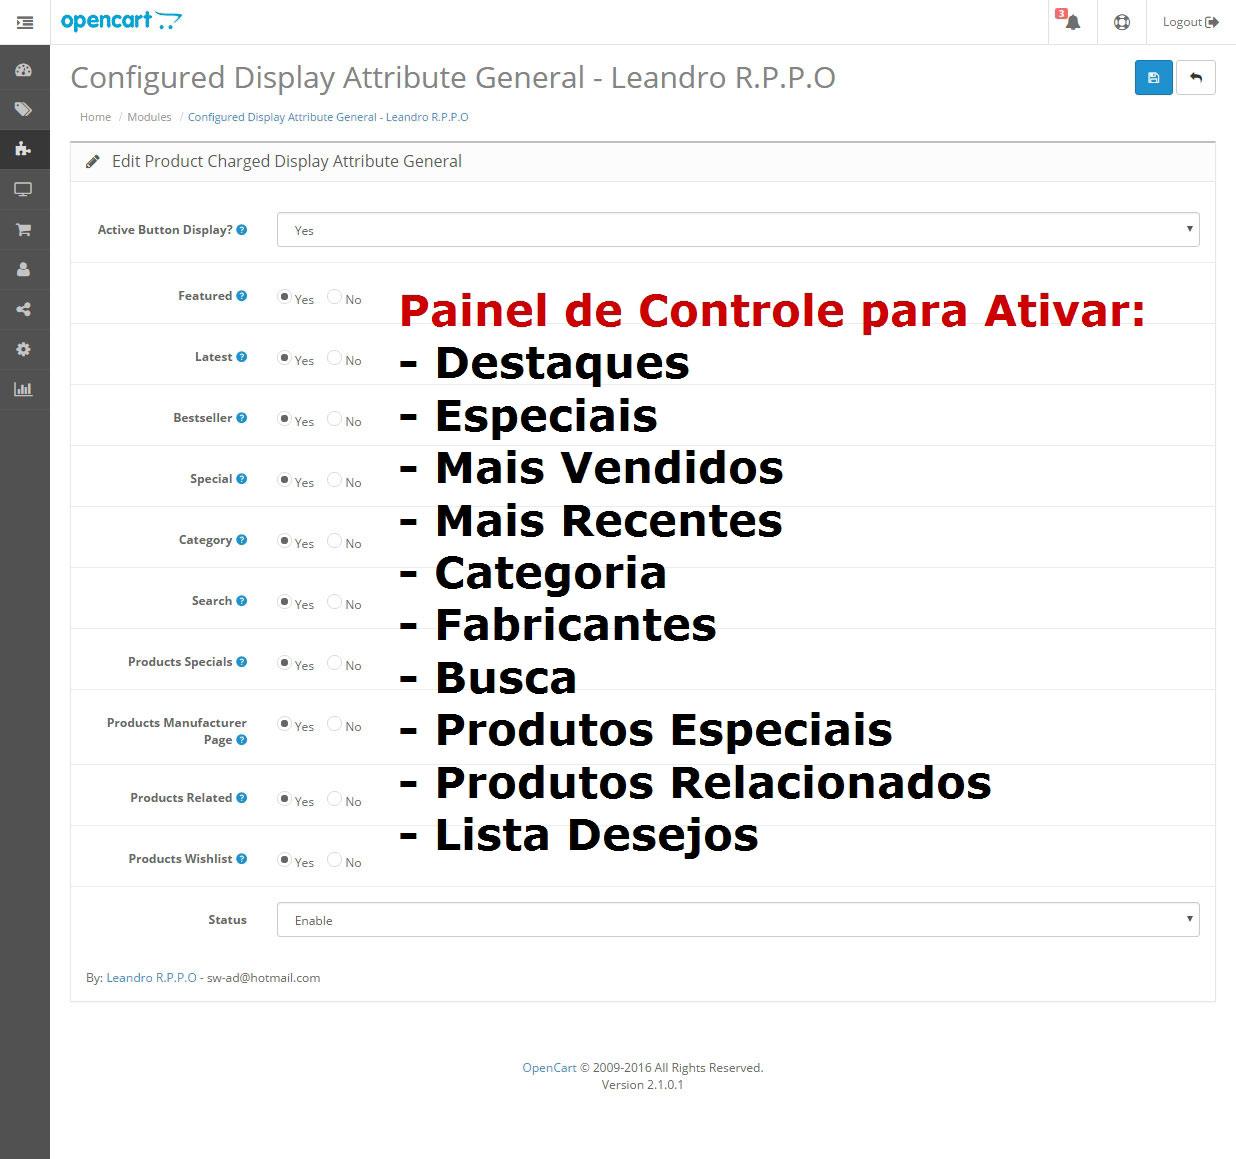 Exibir Especificação (Atributo) nas Páginas e Módulos Padrões - Foto 1